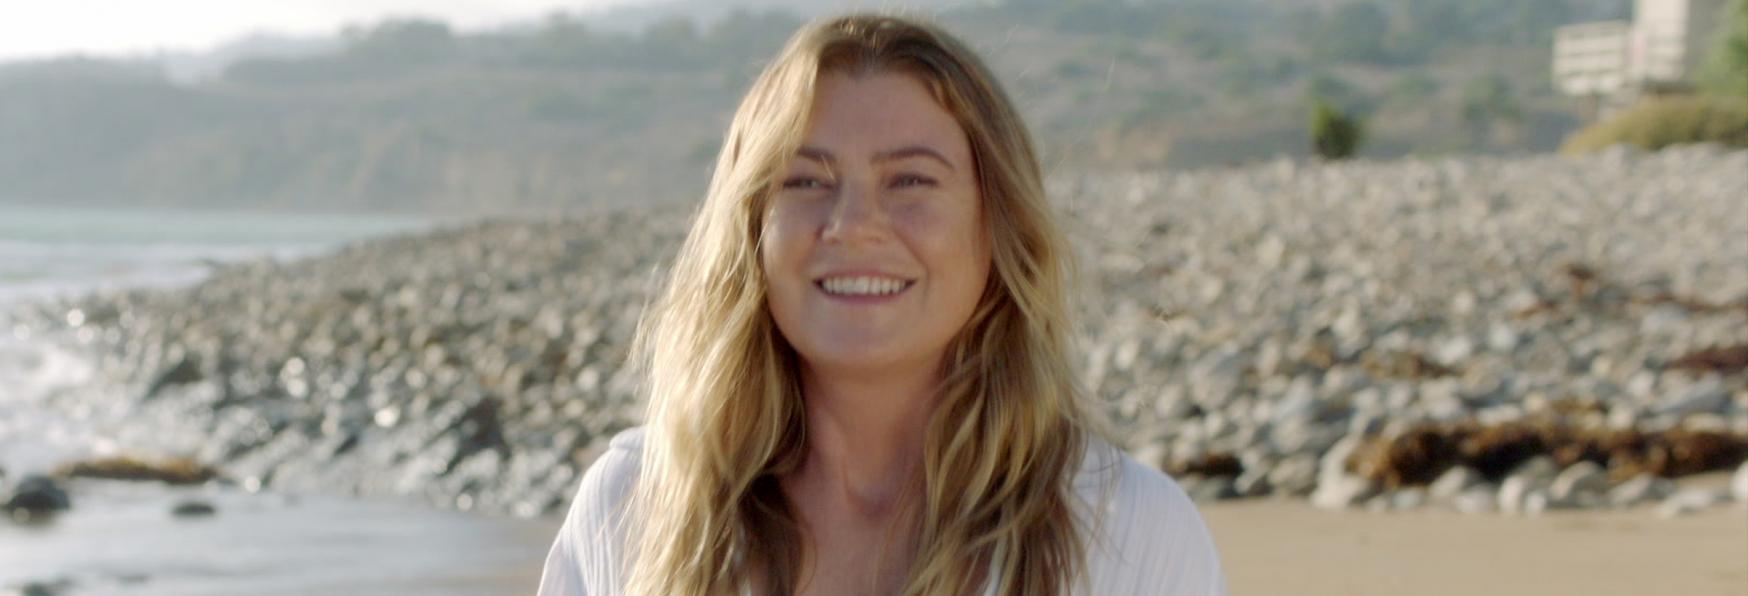 C'è un Futuro per Grey's Anatomy dopo la 18° Stagione? Il Commento del Network ABC